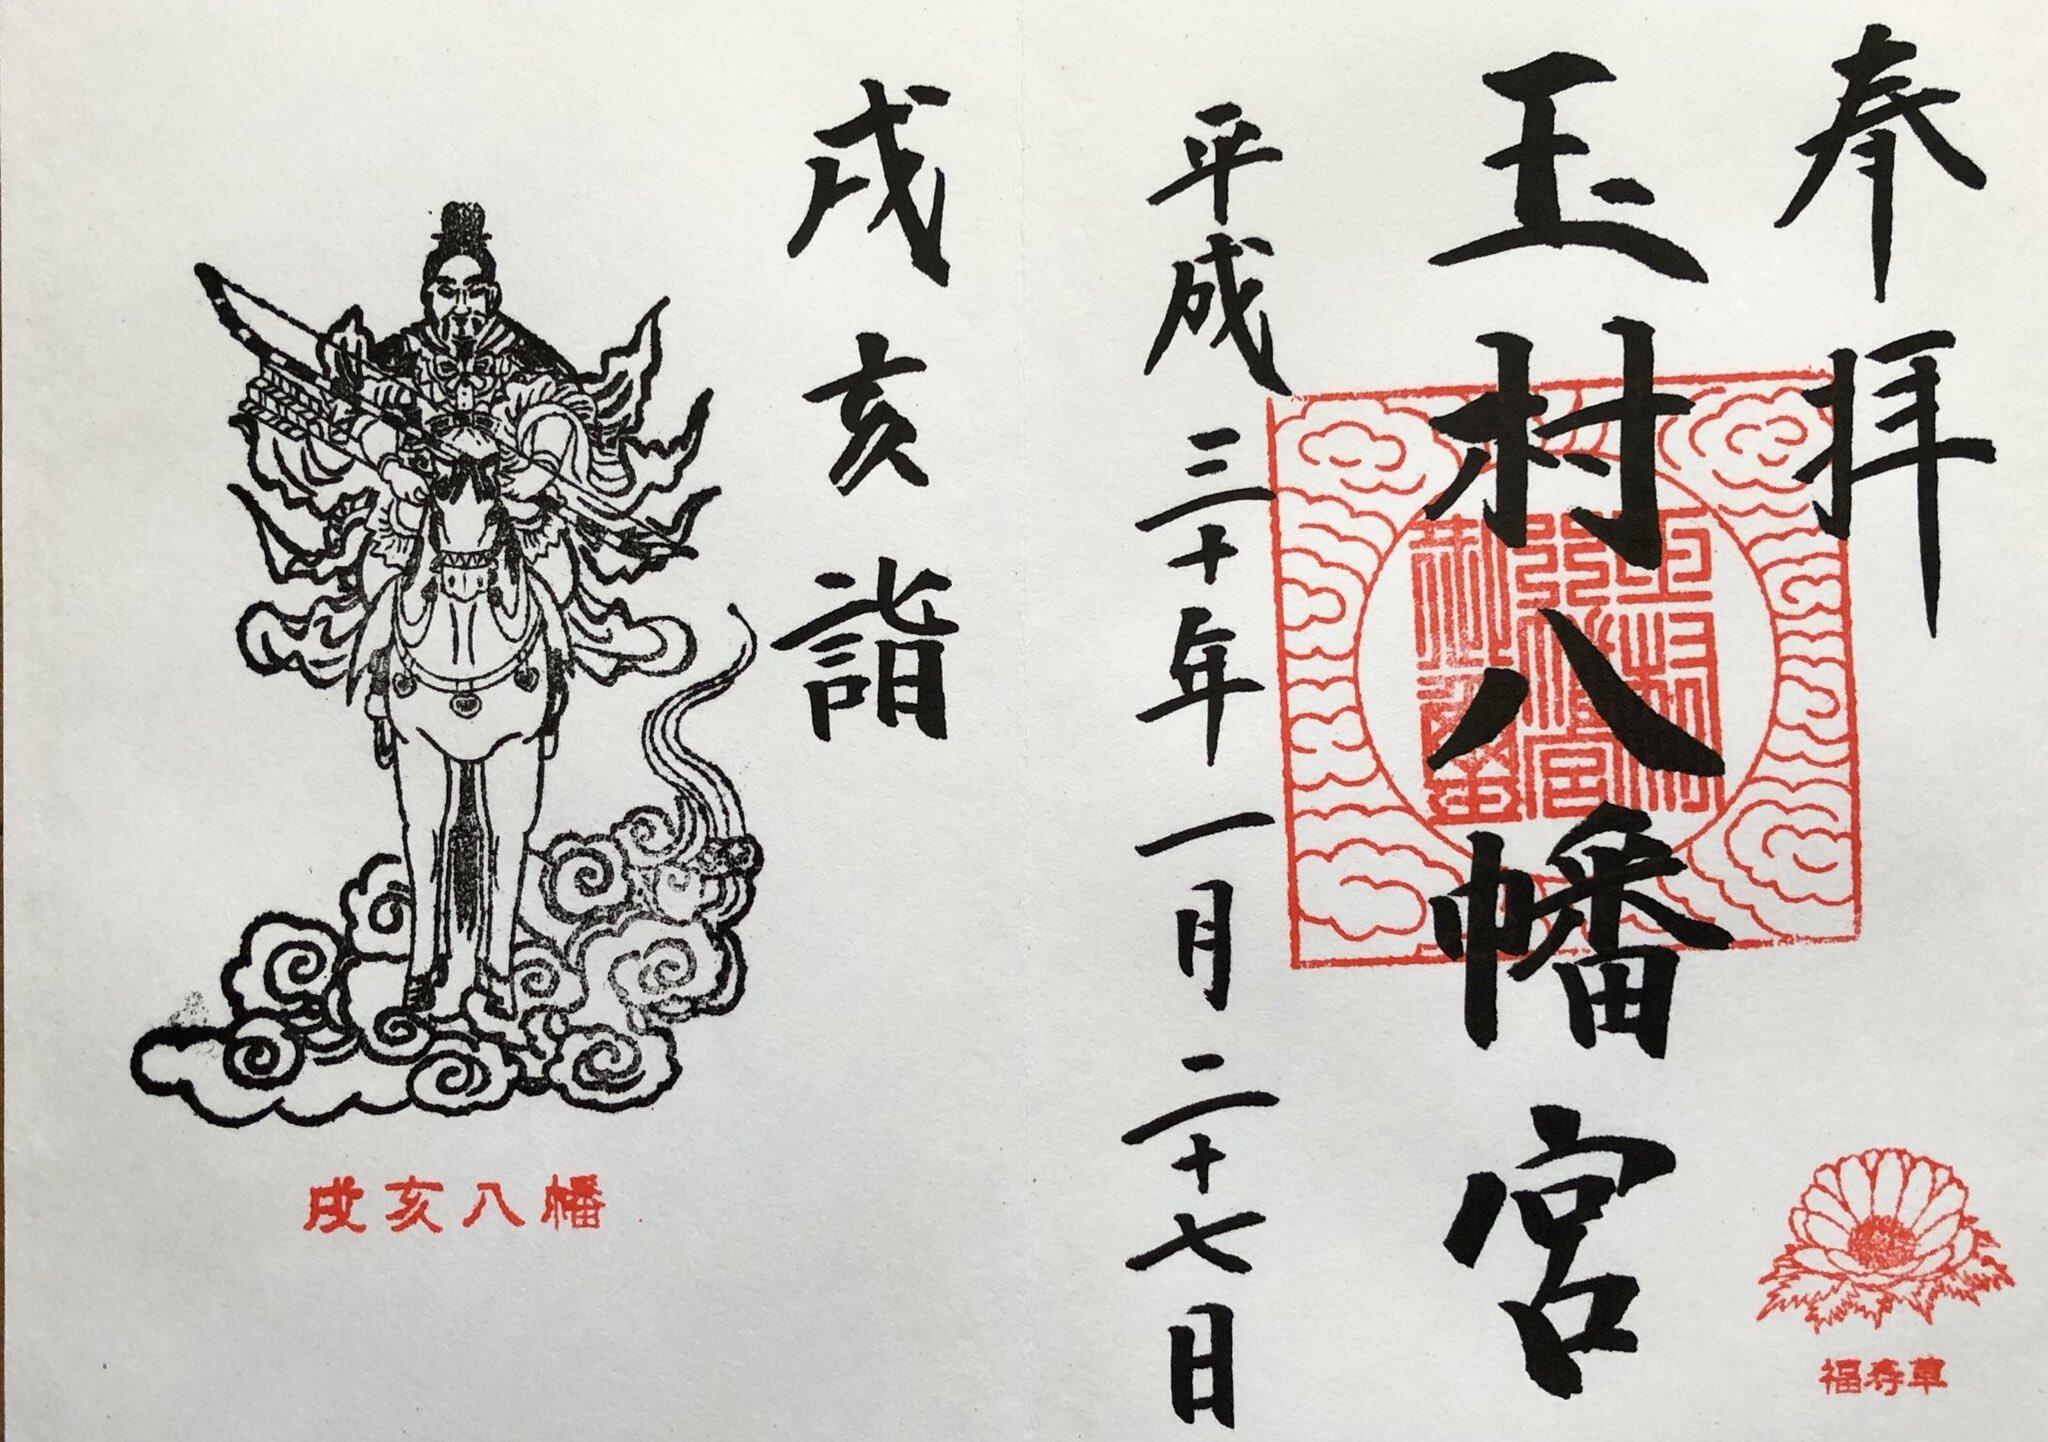 玉村八幡宮の戌亥の日限定御朱印ツアー